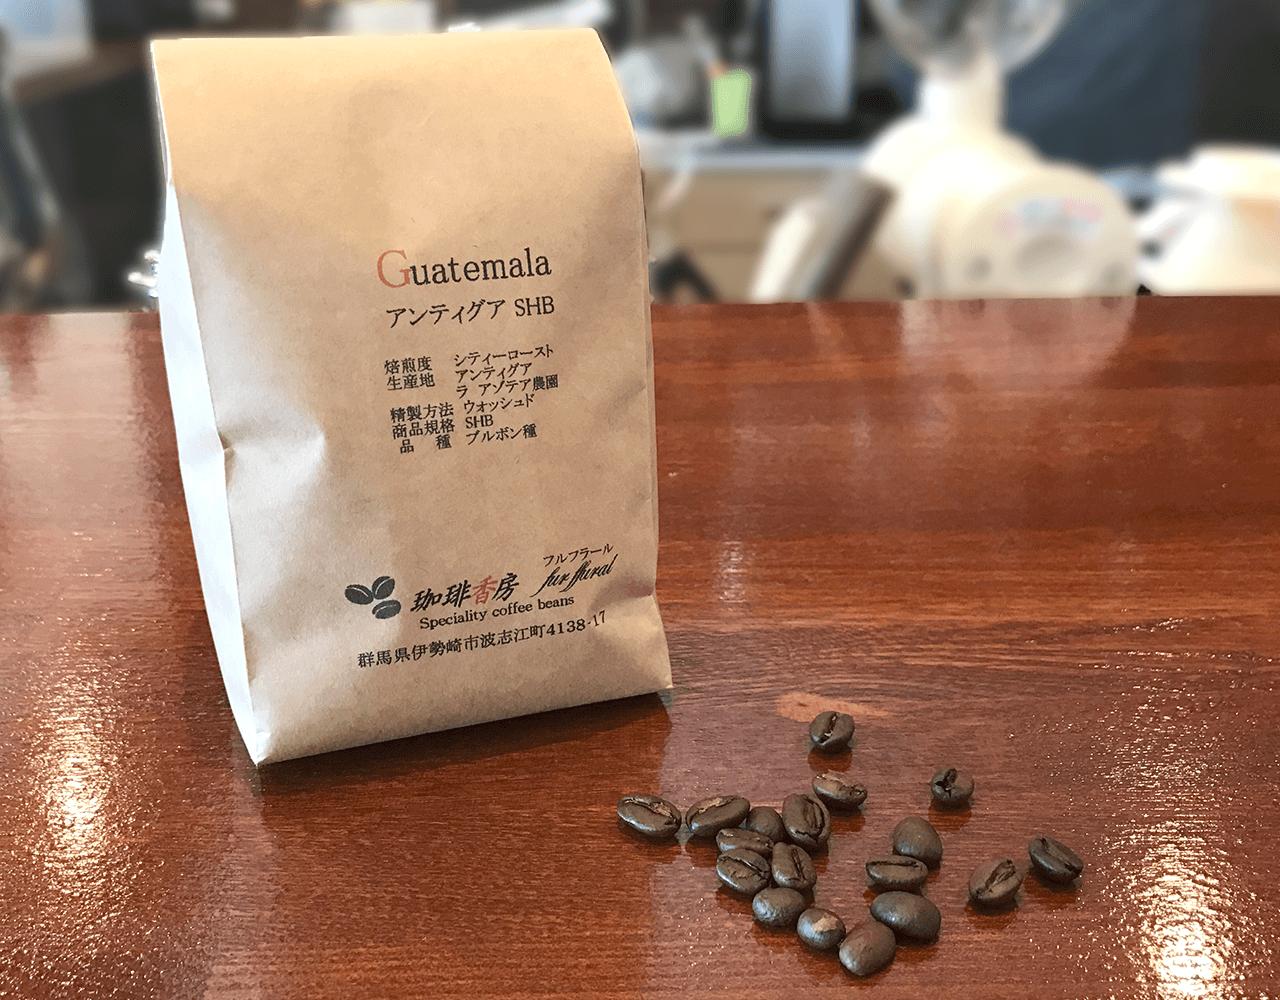 グアテマラ アンティグア SHB 200g 焙煎度:シティーロースト